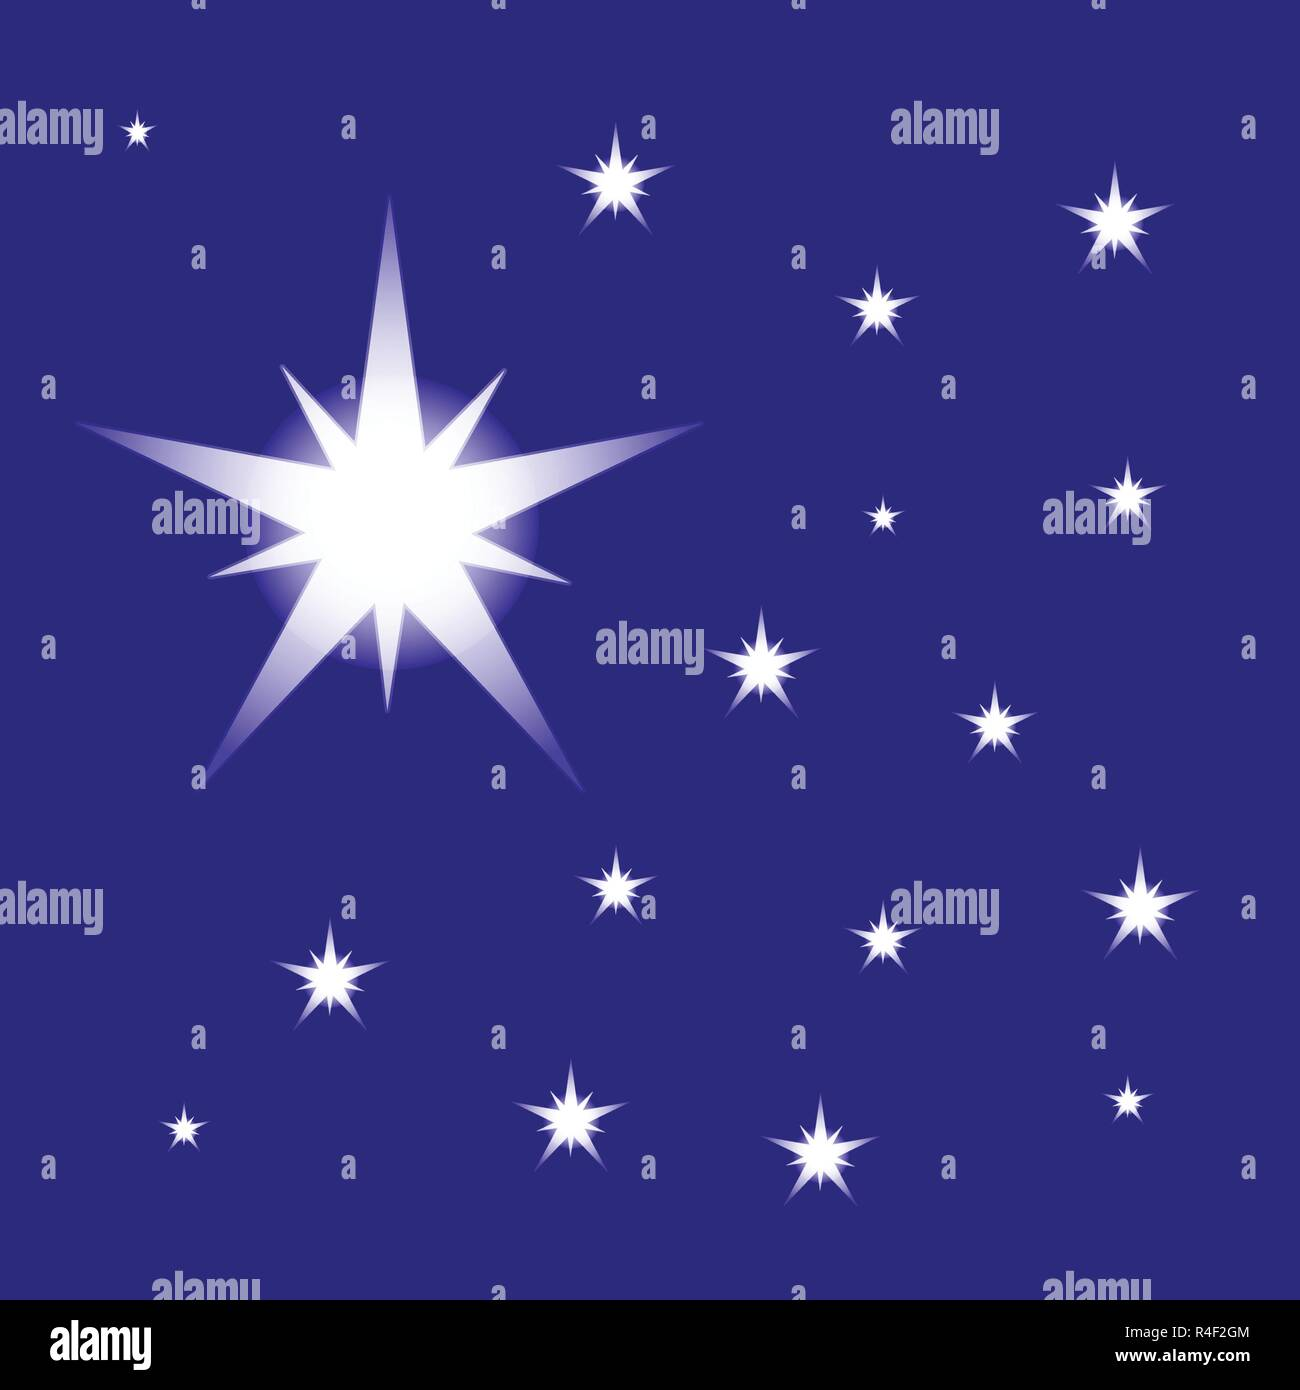 Cielo Stellato Vettore Isolato Su Sfondo Blu Stella Di Natale Per